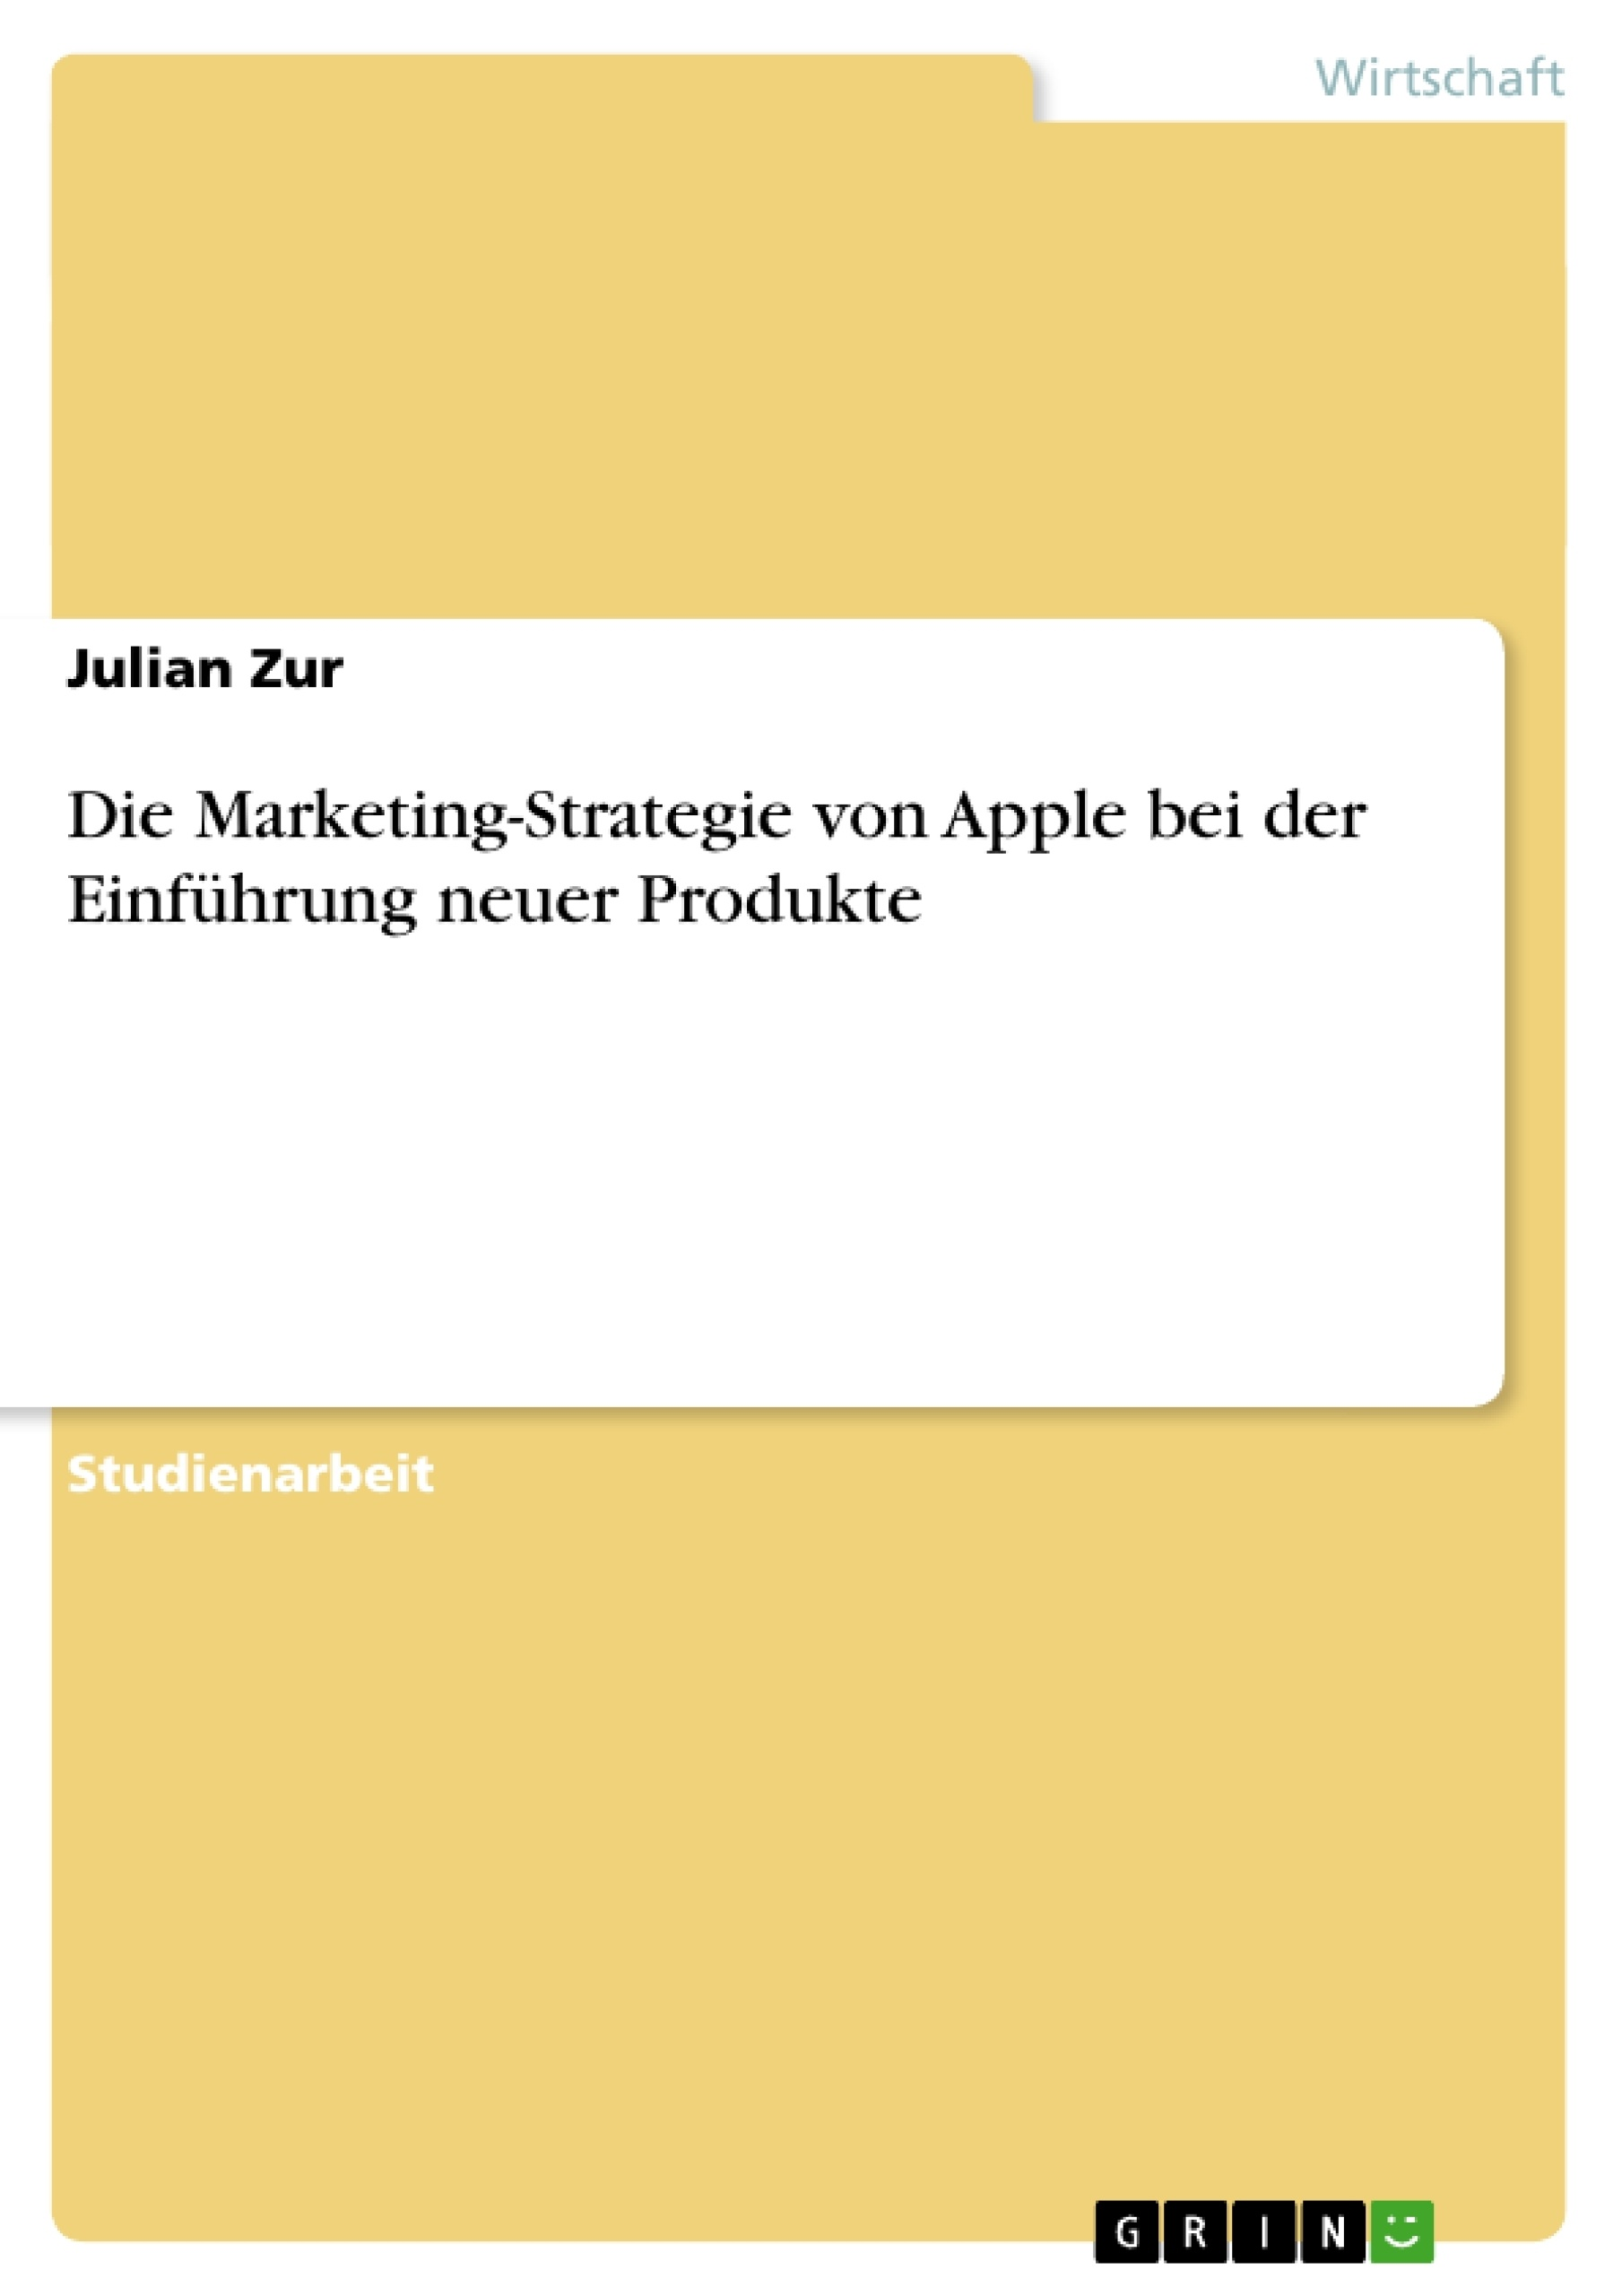 Titel: Die Marketing-Strategie von Apple bei der Einführung neuer Produkte